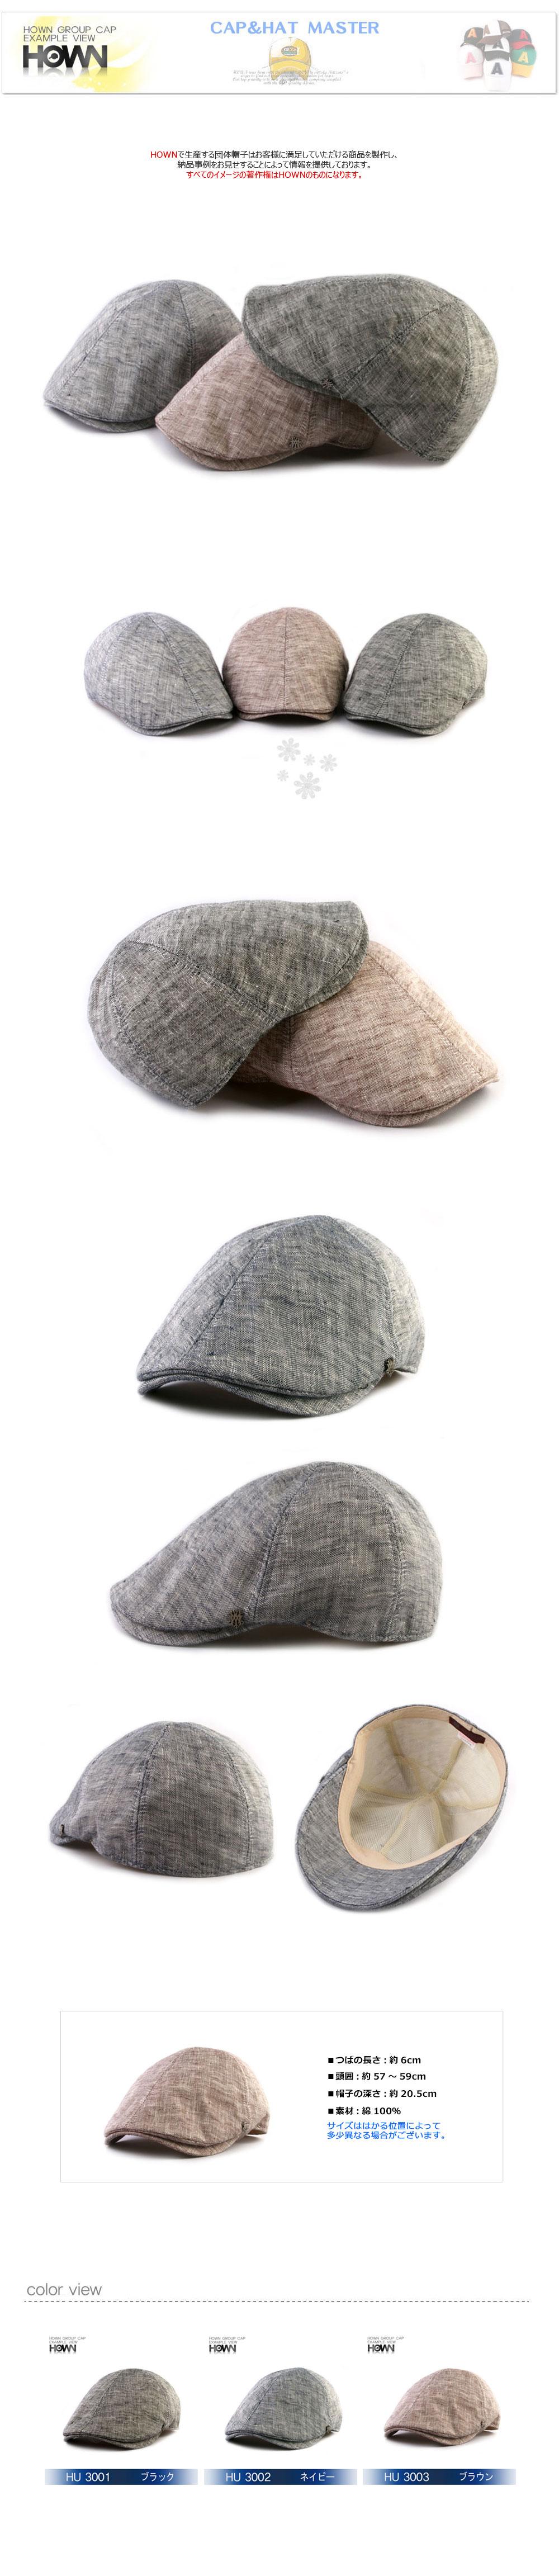 ウェーブリネンハンチング 1点から製作可能!本格的3D刺繍も!名前入れ 刺繍 プリント オリジナルデザイン ハンチング